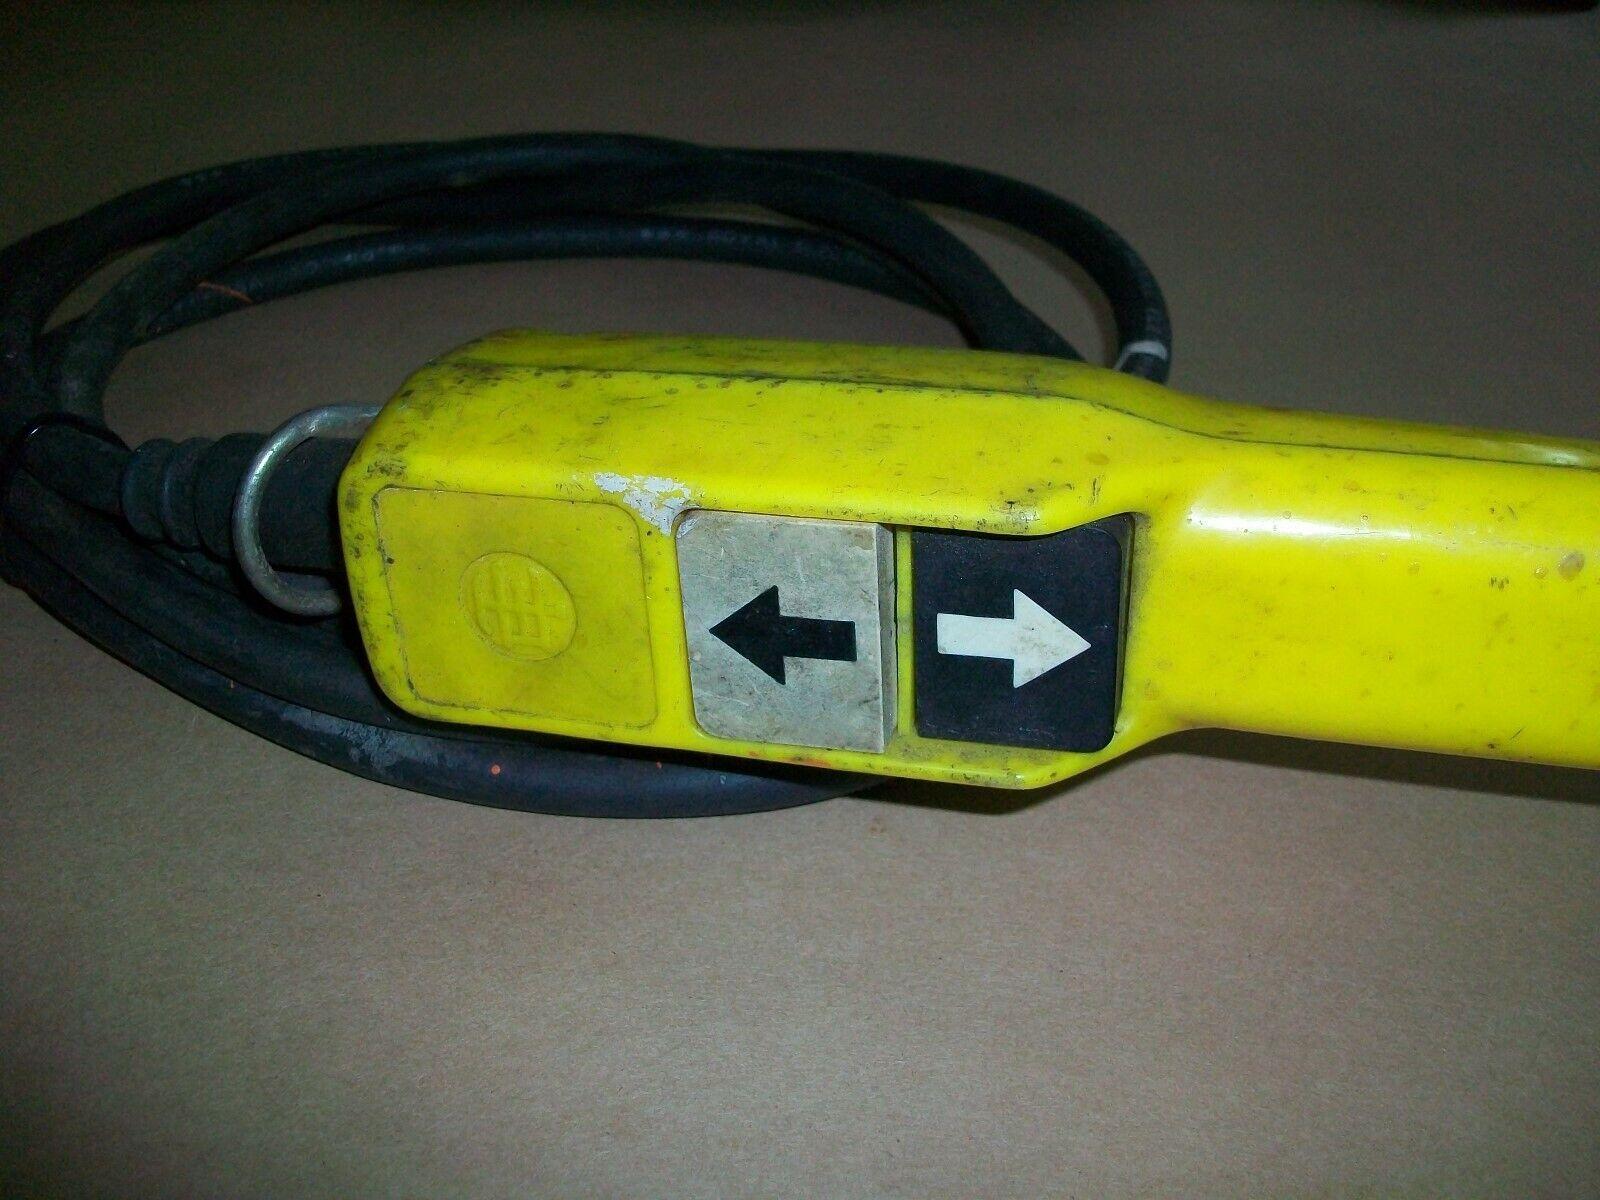 NEW TELEMECANIQUE XAC A201 064500 PENDANT PUSH BUTTON CONTROL STATION